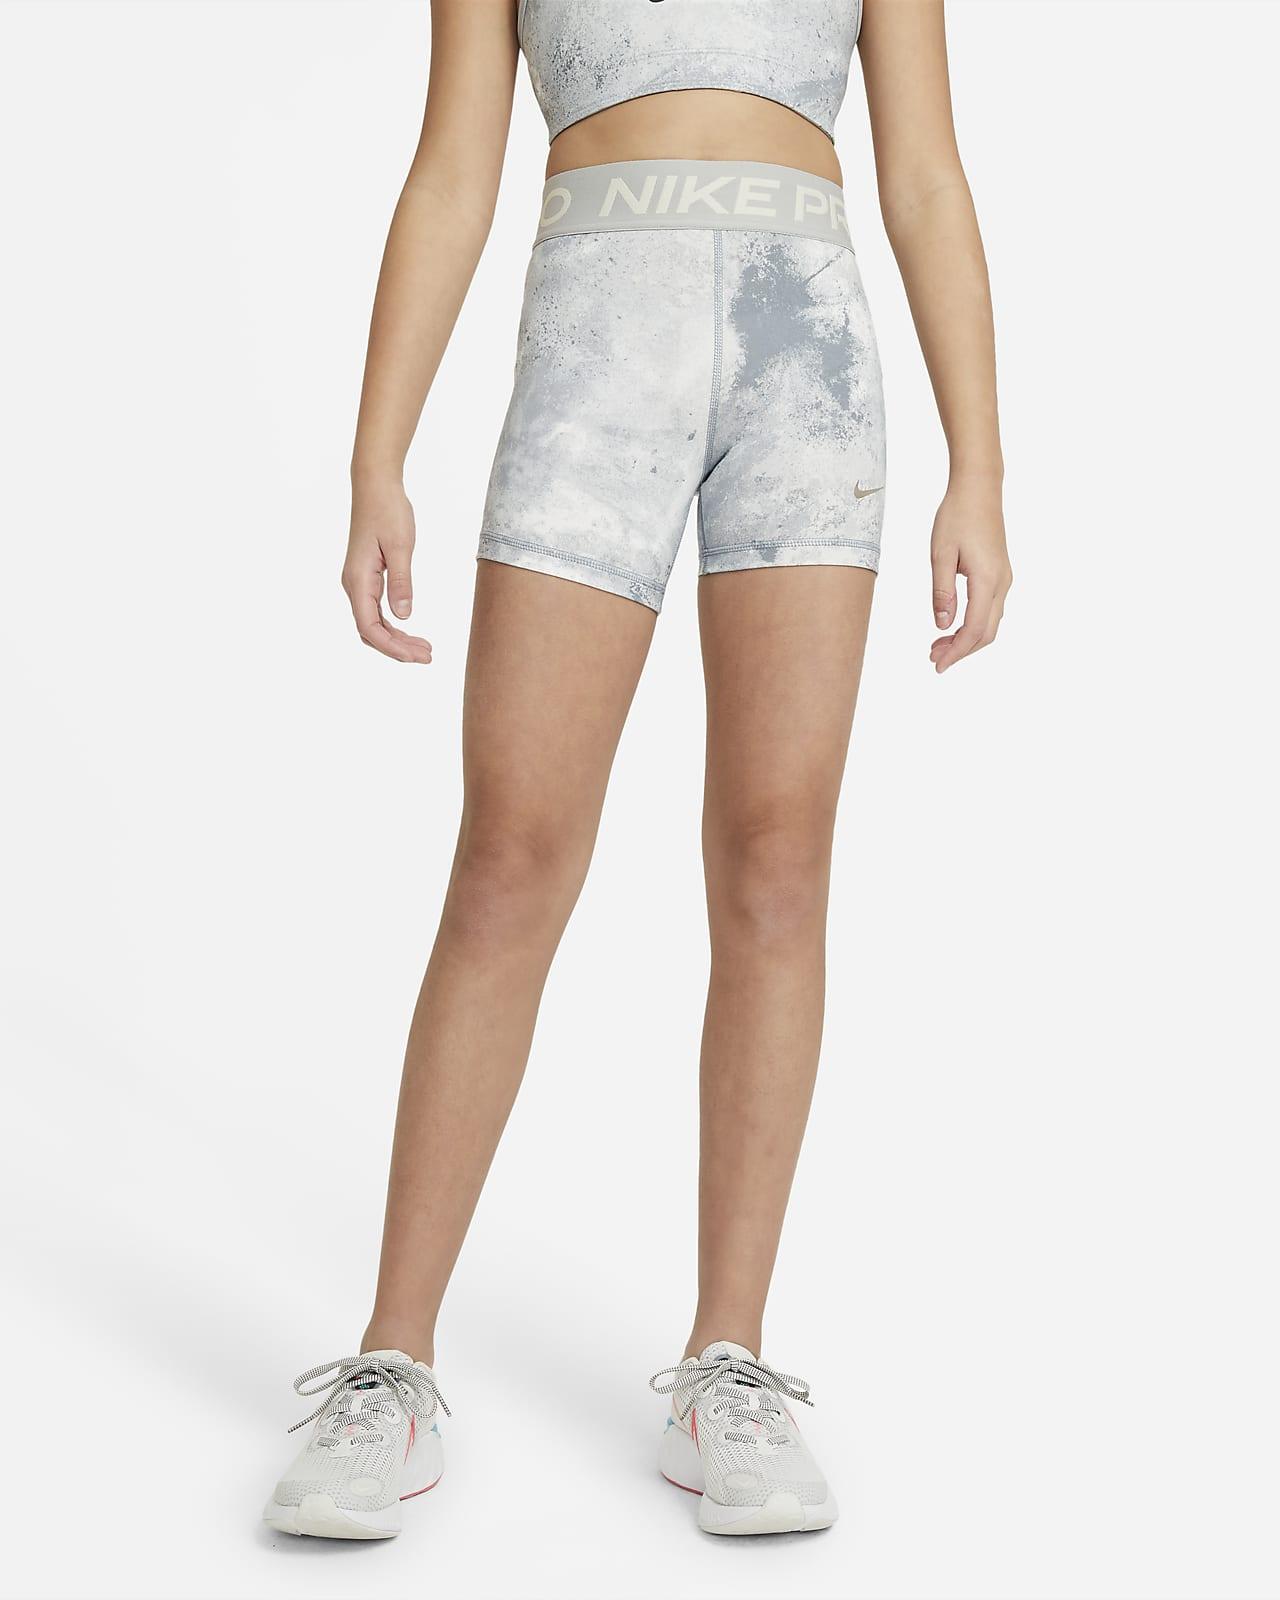 Nike Pro Older Kids' (Girls') Tie-Dye 8cm (approx.) Shorts